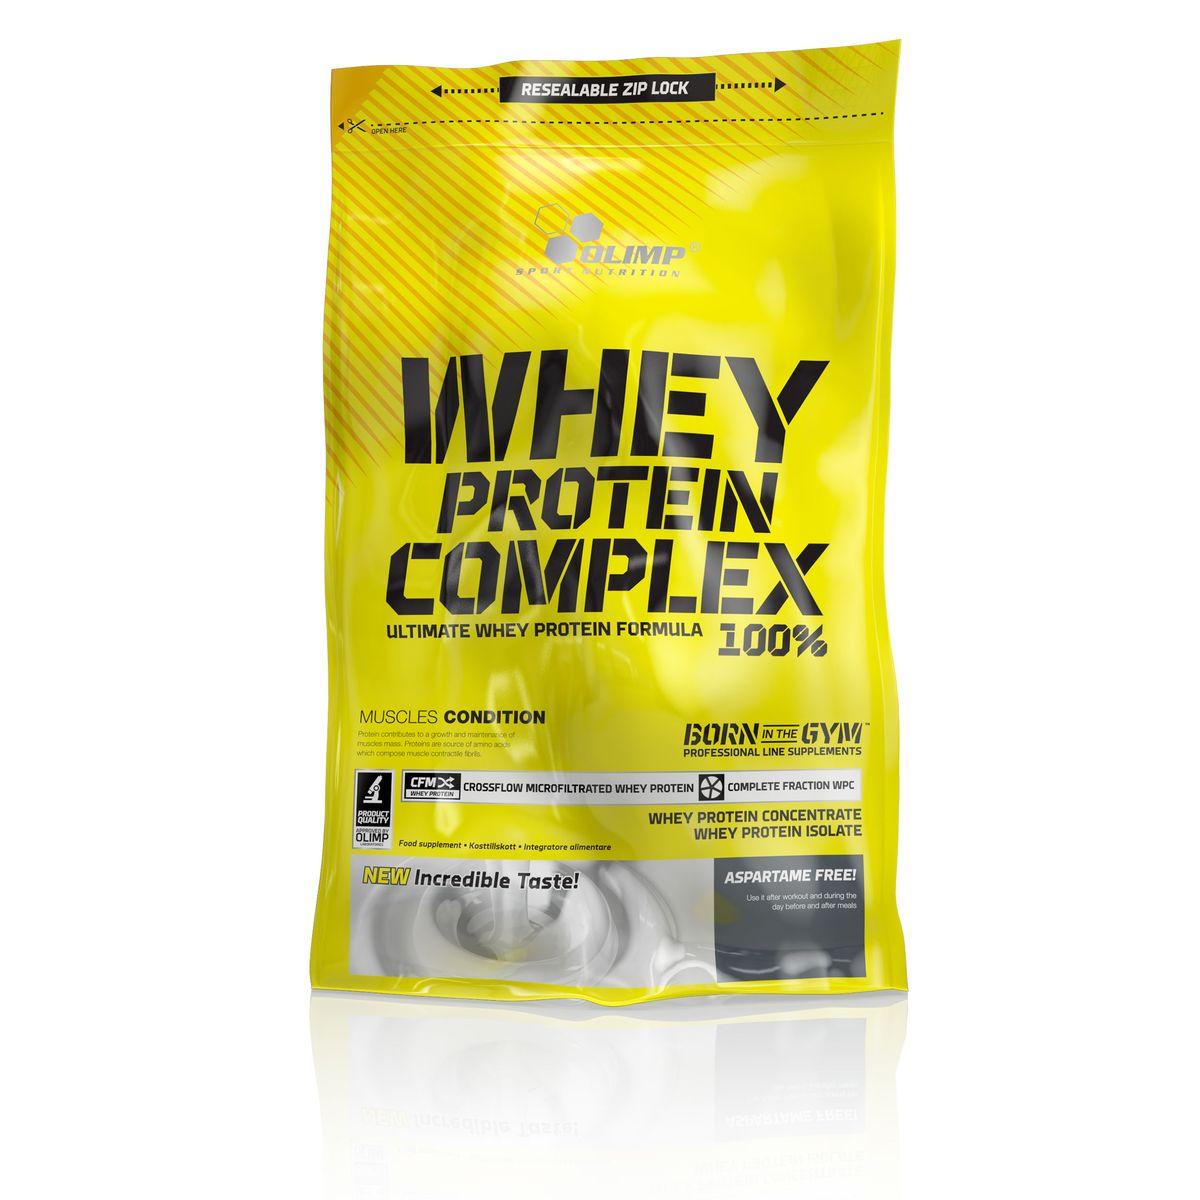 OLIMP Протеин Whey Protein Complex 100%, 0,7кг, ванильO27628Whey Protein – так называется белок молочной сыворотки по-английски. Этот белок обладает наивысшей биологической ценностью и лучше всего переносится организмом. Компания Olimp разработала высококачественный протеиновый порошок, Olimp Whey Protein Complex 100%- который обладает приятным вкусом и отвечает физиологическим потребностям. Очень важную роль играет здесь способ производства, поскольку в качестве сырья используется микрофильтрованный протеин, который не выносит высоких температур и высокого давления. Рекомендации по применению: Принимайте до 3 порции в день - утром, между приемами пищи и после тренировки или перед сном.